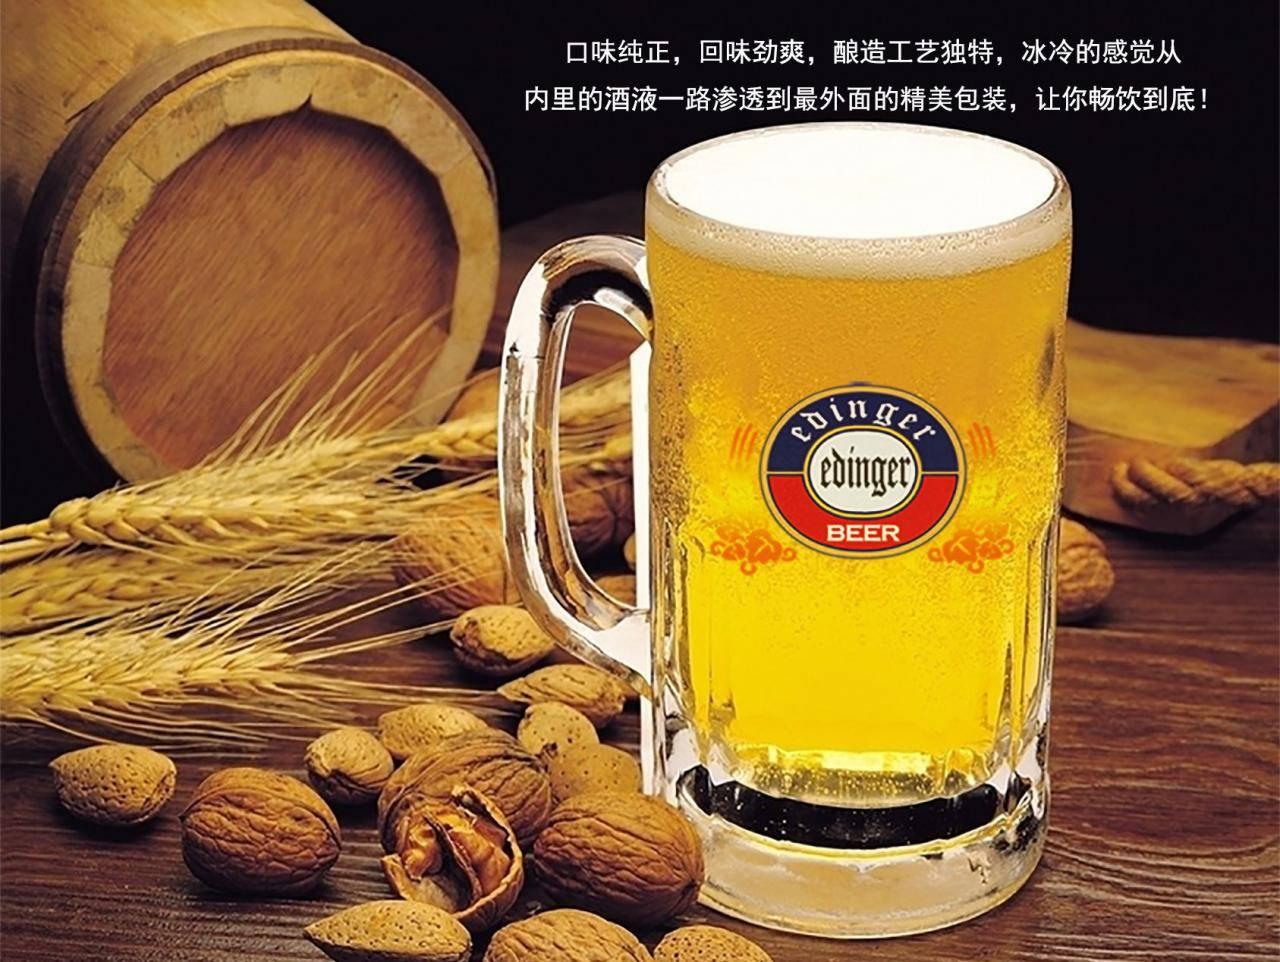 精酿啤酒的成本是多少-酿造设备需要多少啤酒-大麦丫-精酿啤酒连锁超市,工厂店平价酒吧免费加盟